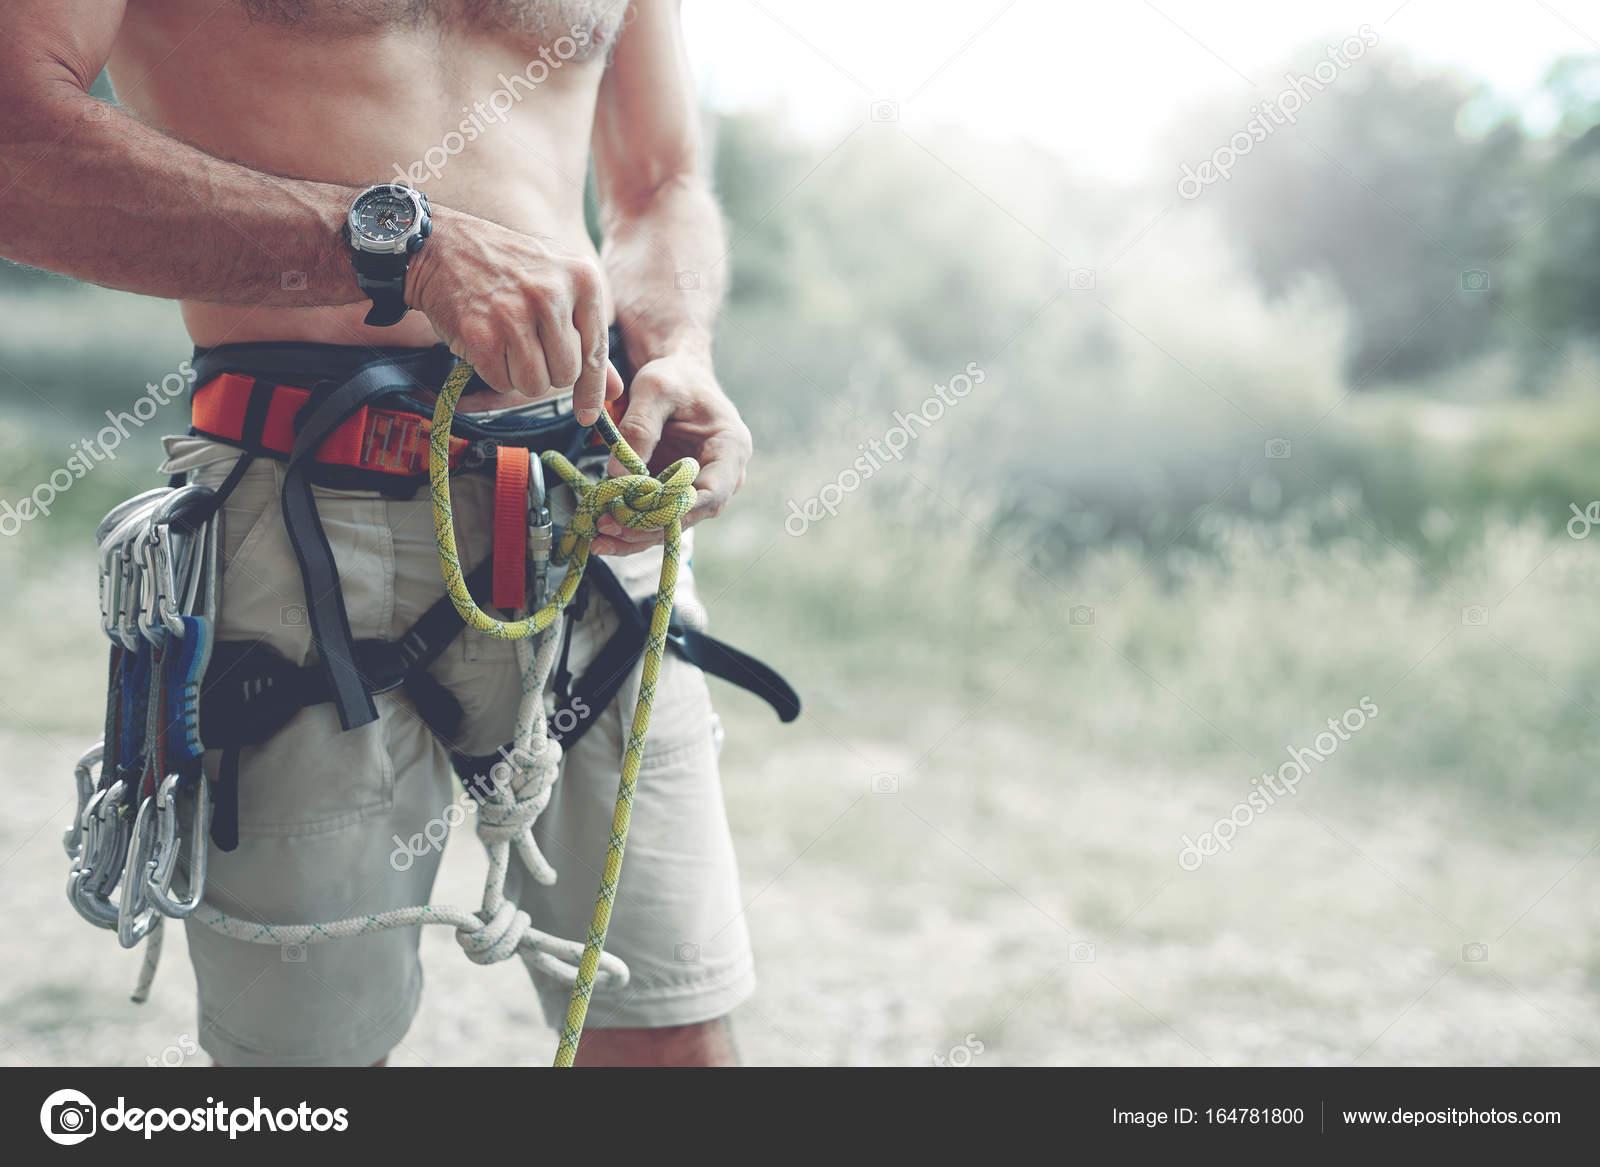 Klettergurt Aus Seil : Ein mann knoten einen auf klettergurt u2014 stockfoto